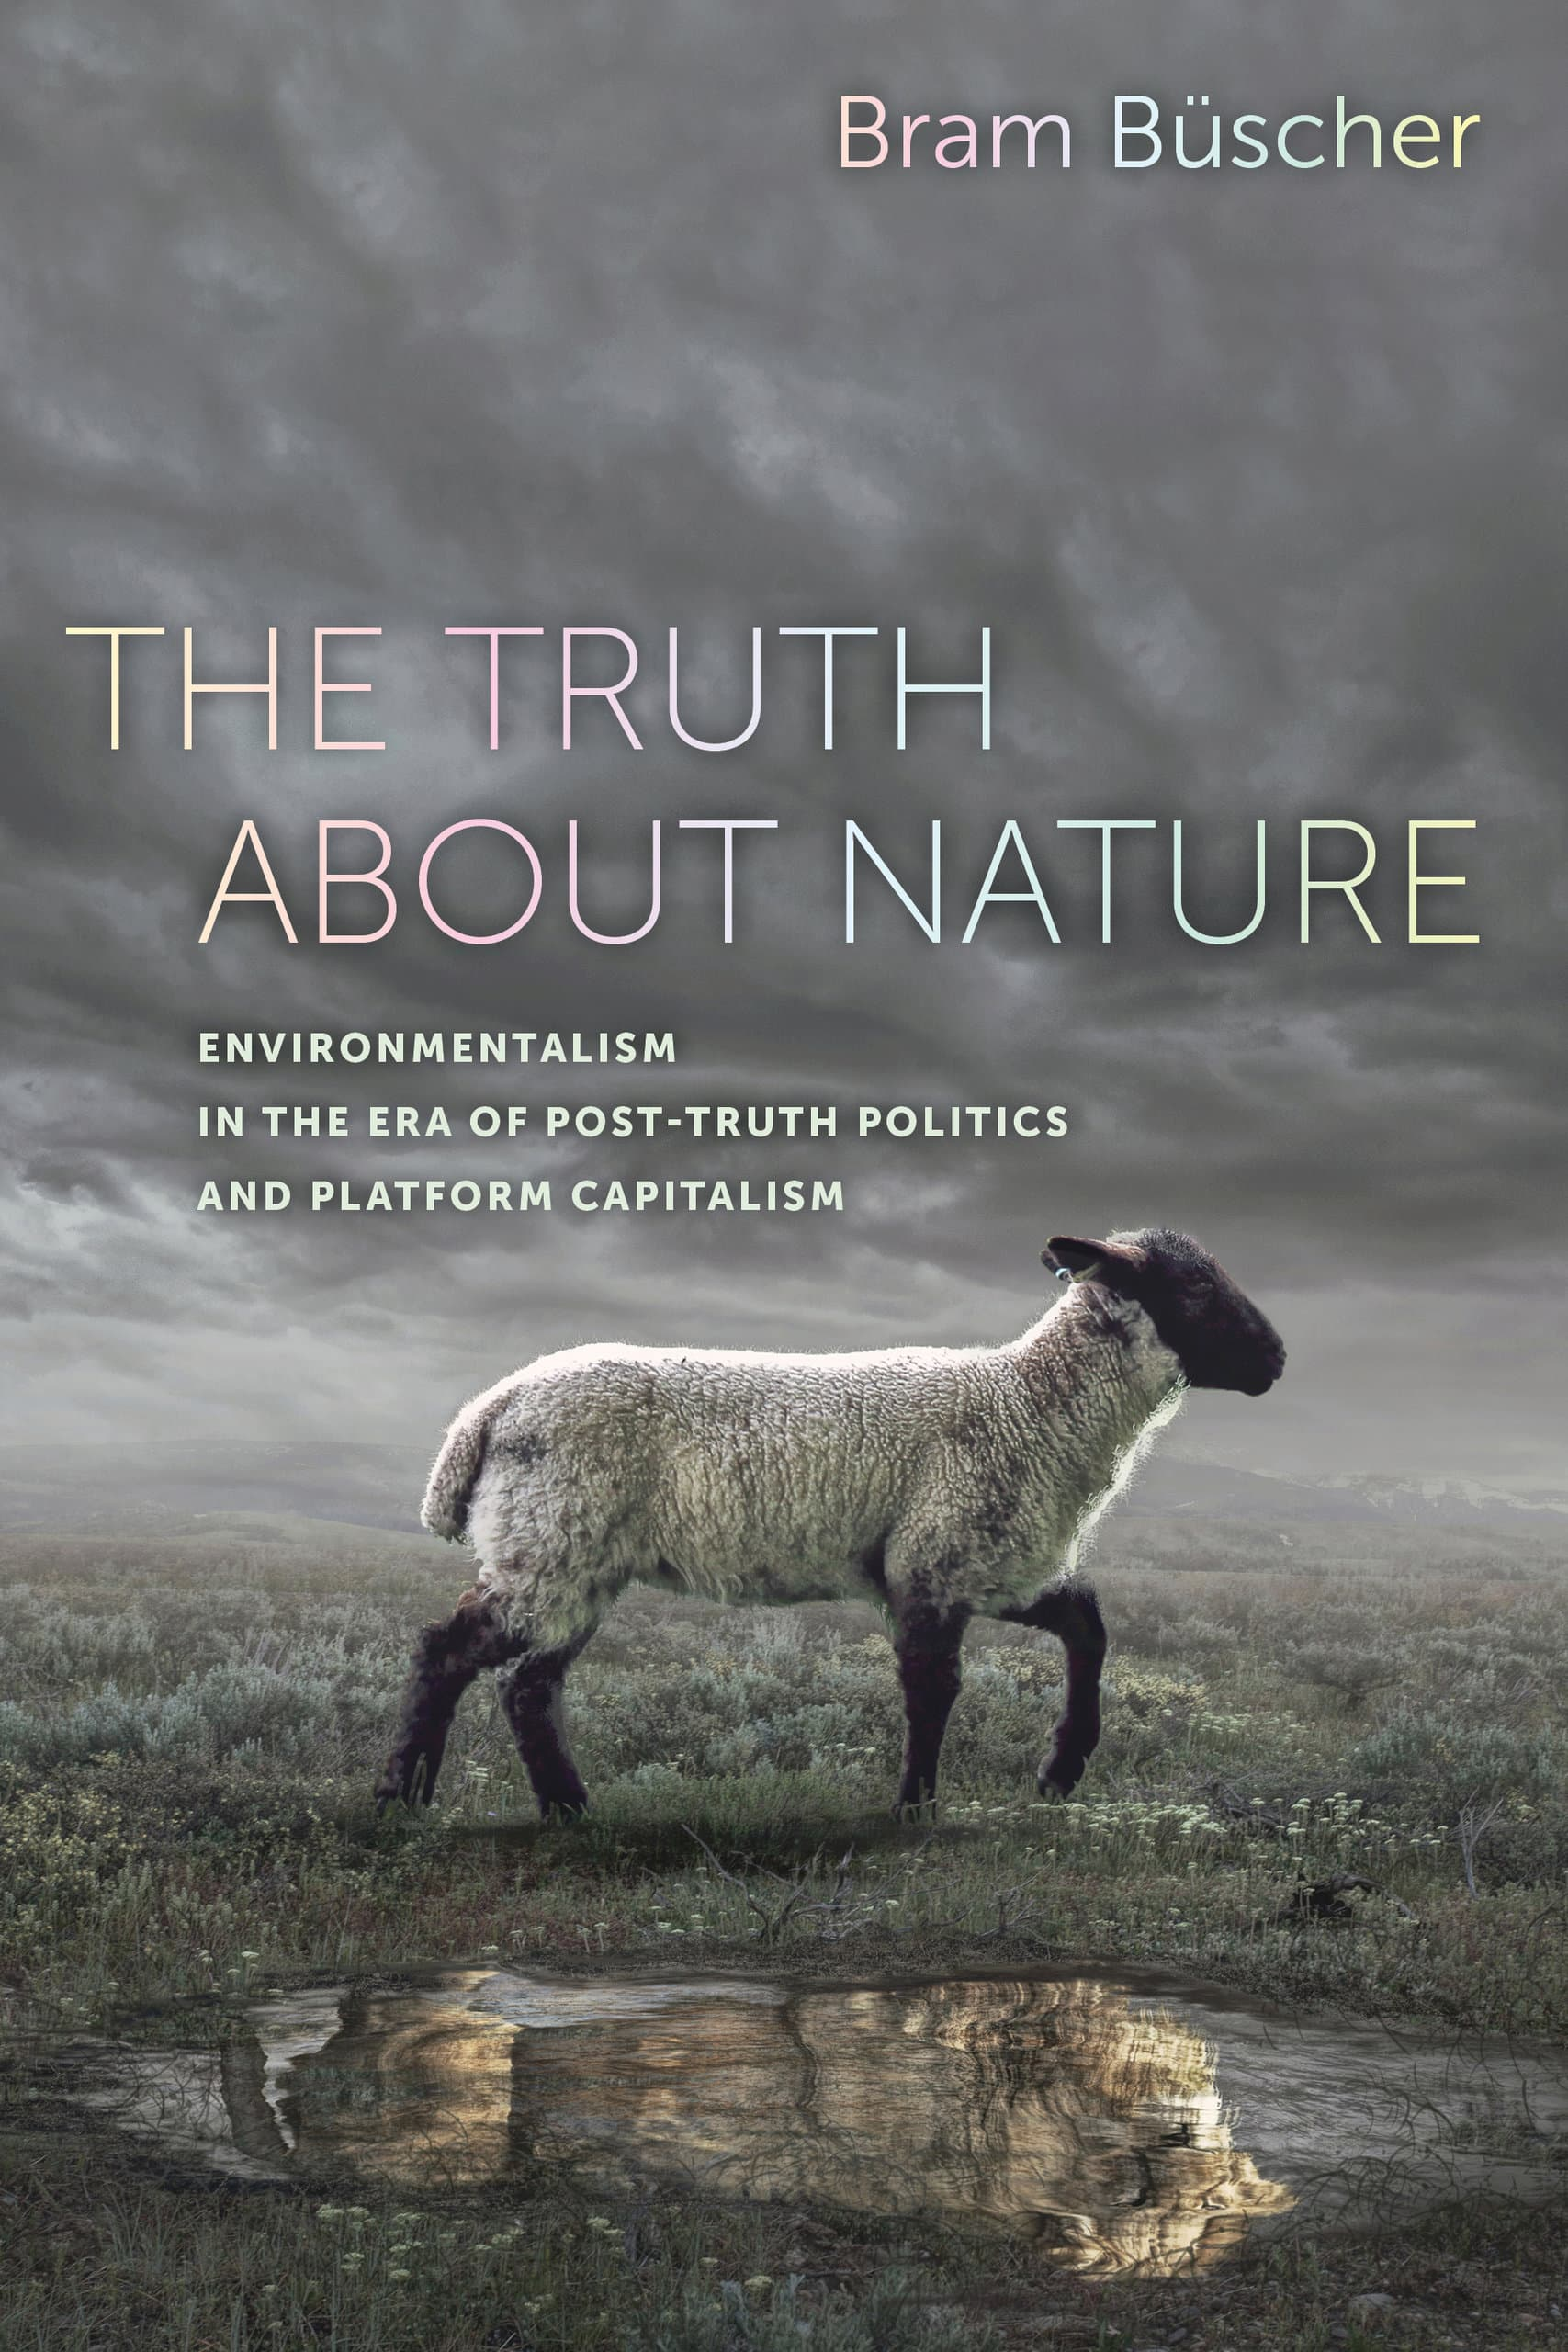 The Truth about Nature di Bram Büscher è un libro di denuncia sull'illusione che le piattaforme social servano davvero per comprendere lo stato di crisi della natura e delle specie animali